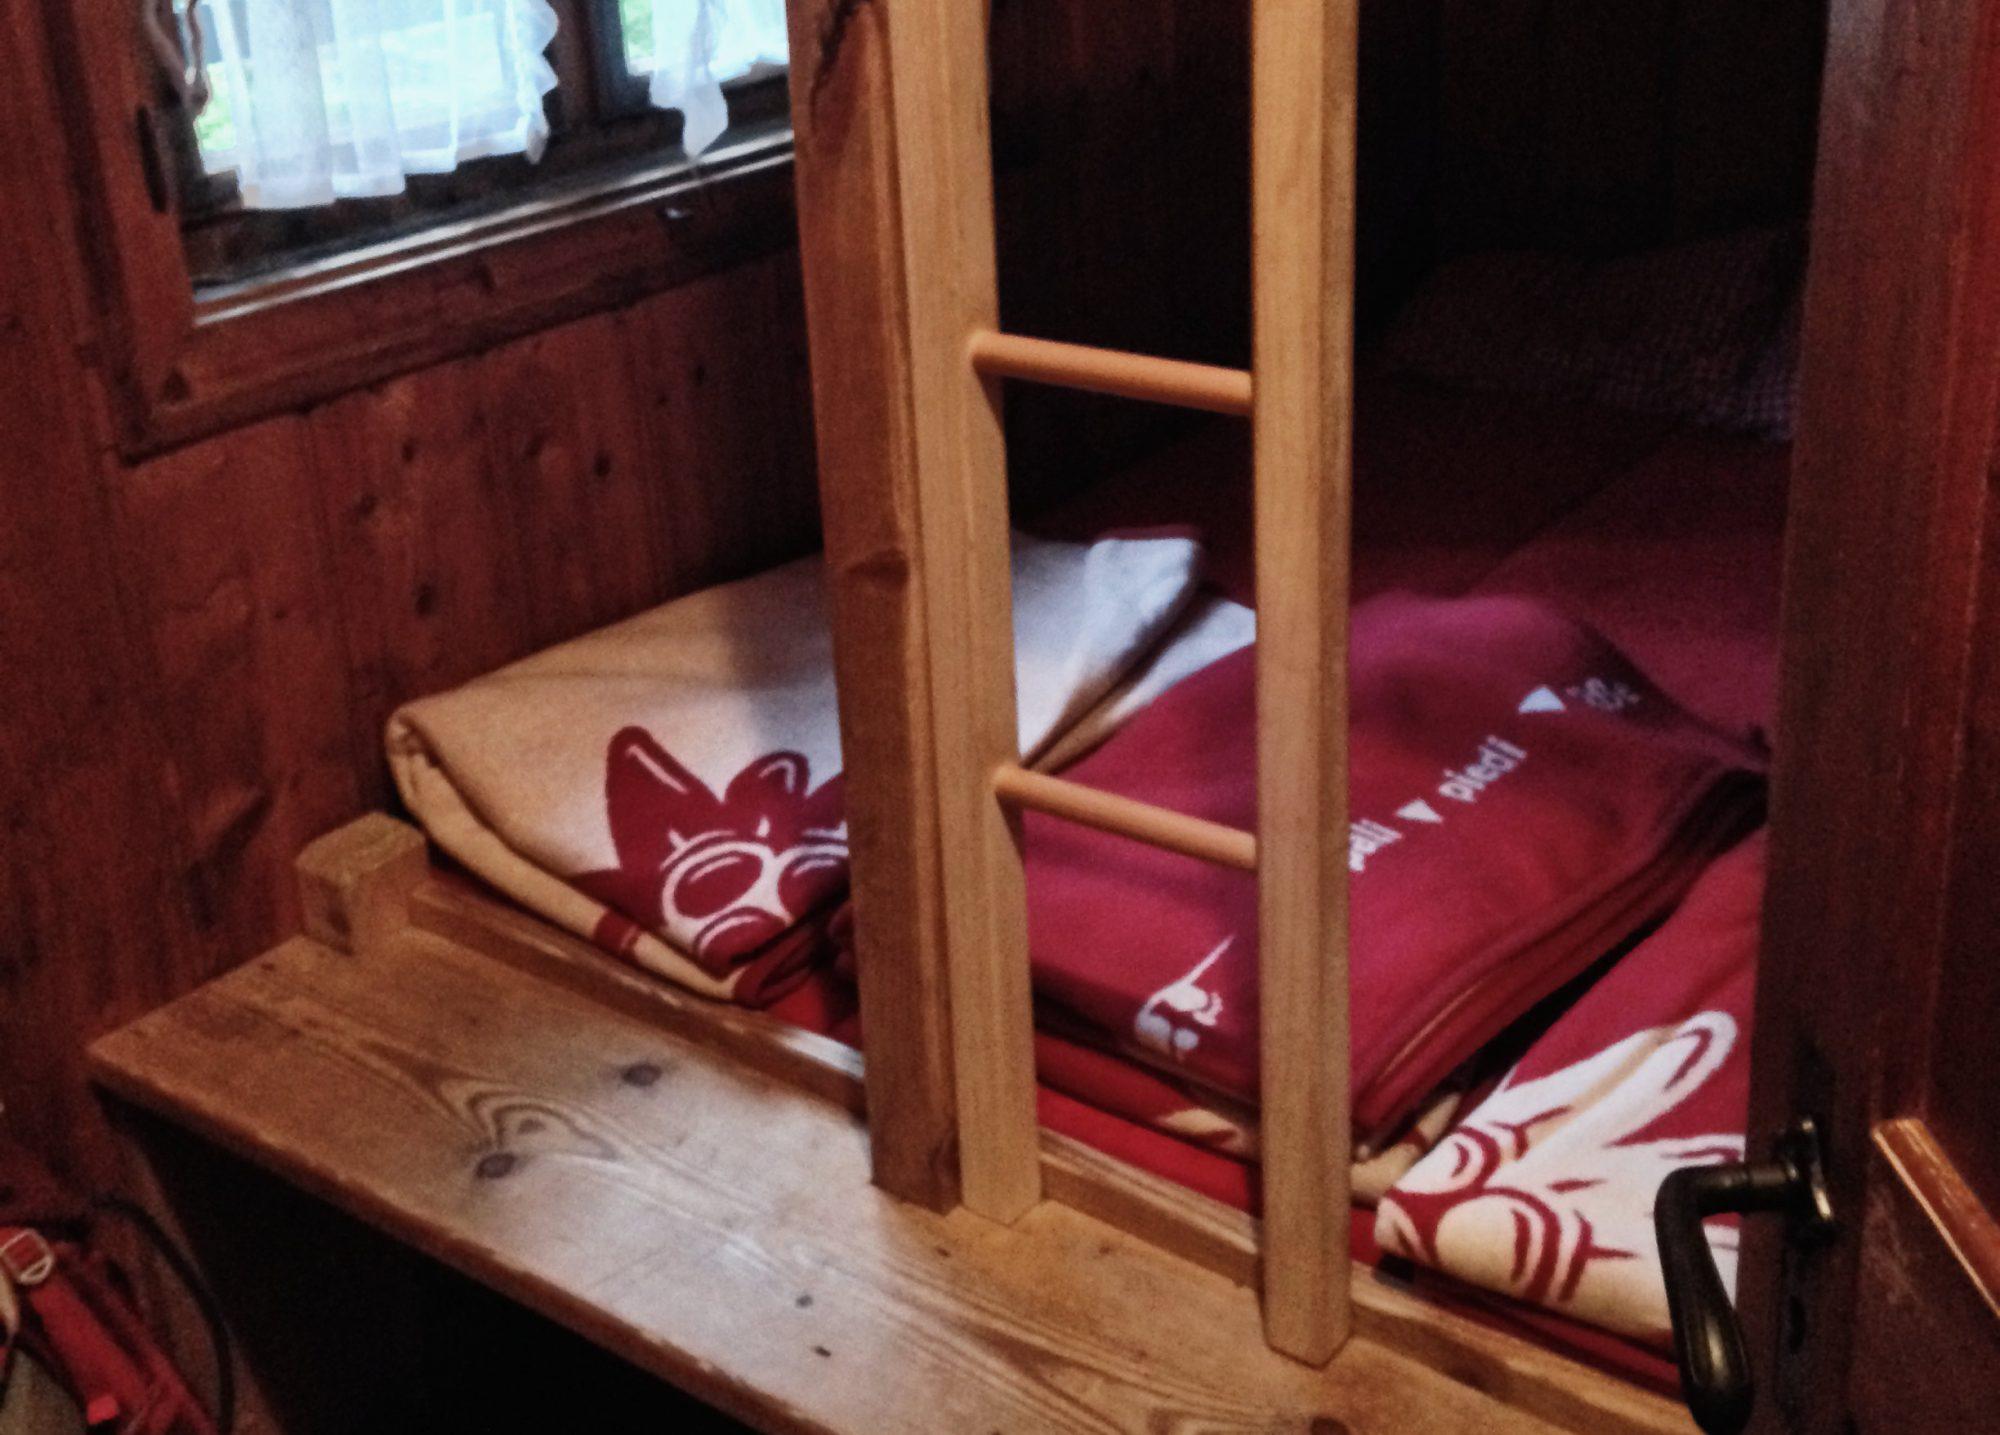 Lager Hütte, In 10 Schritten fit fürs Hüttenleben, Tipps Hüttentour, Tipps Hüttenübernachtung, Alpenüberquerung, Alpenvereinshütte, Übernachtung Hütte